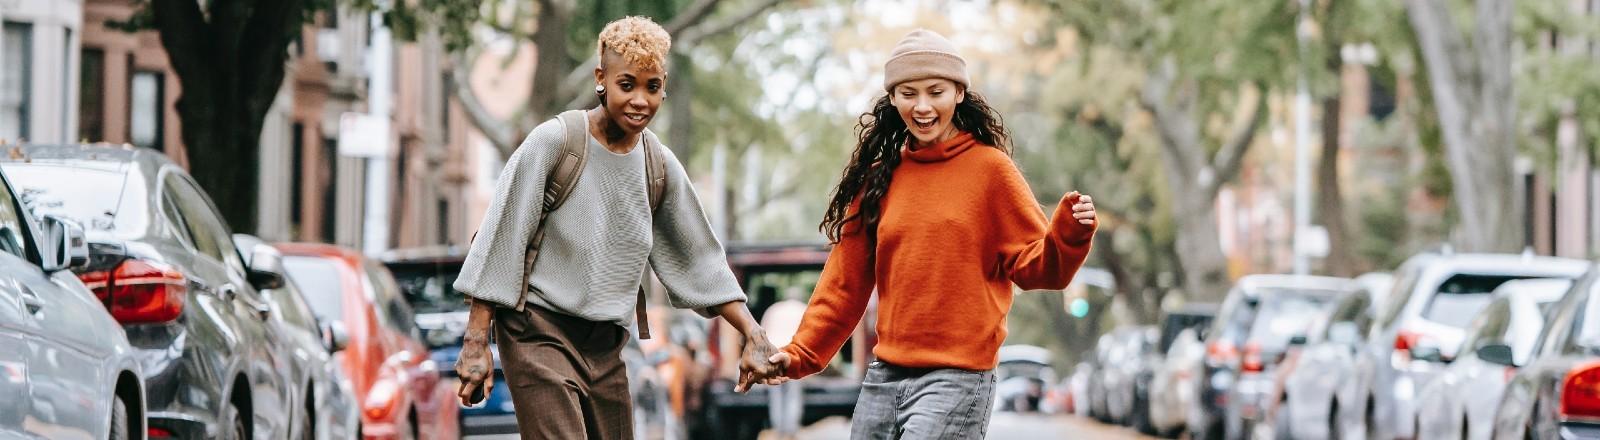 Ein lesbisches Paar fährt zusammen Longboard